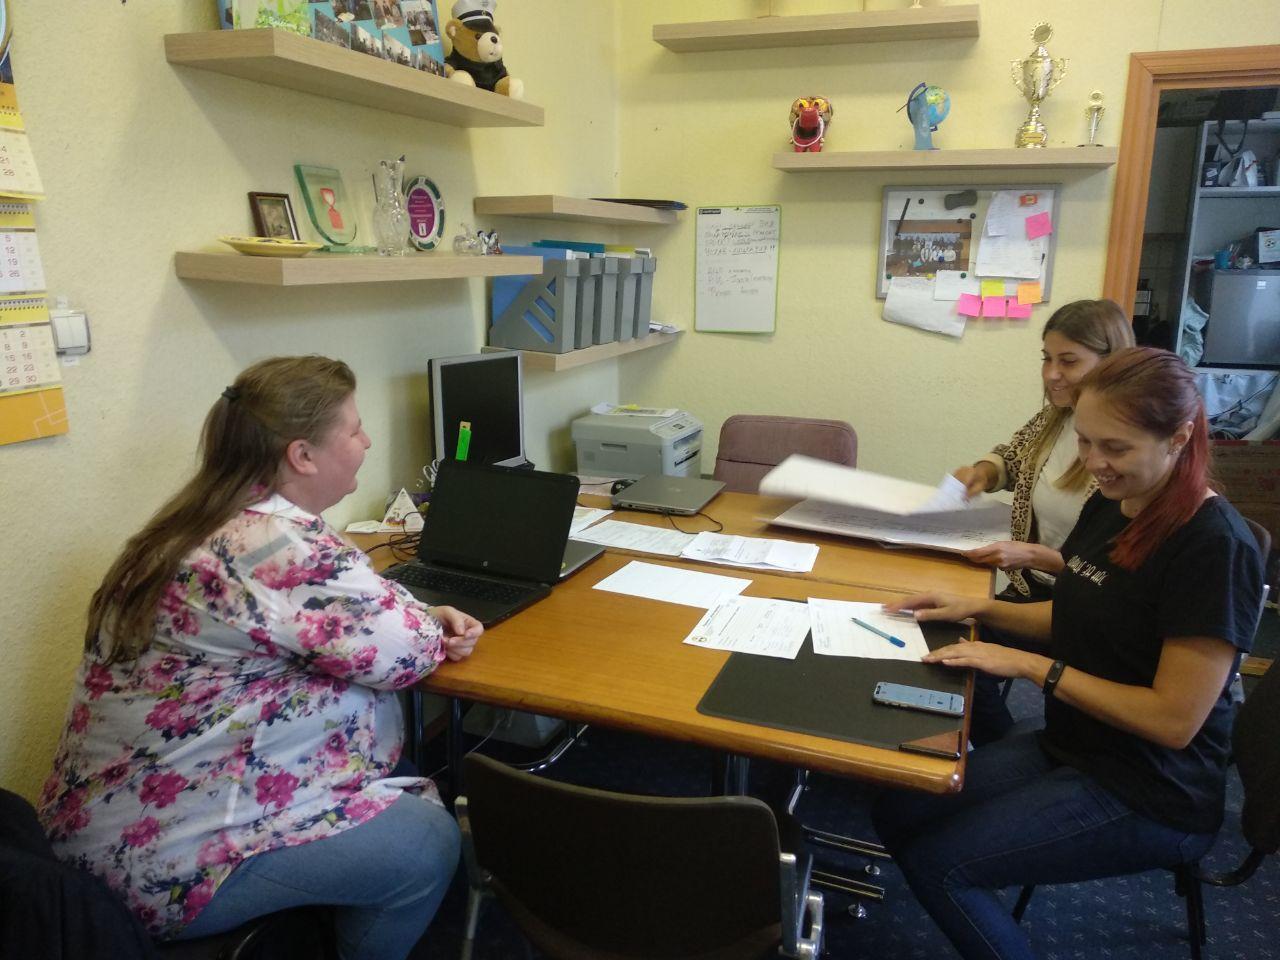 В НКО «Радимичи — детям Чернобыля» продолжаются стажировки для специалистов НКО и волонтеров